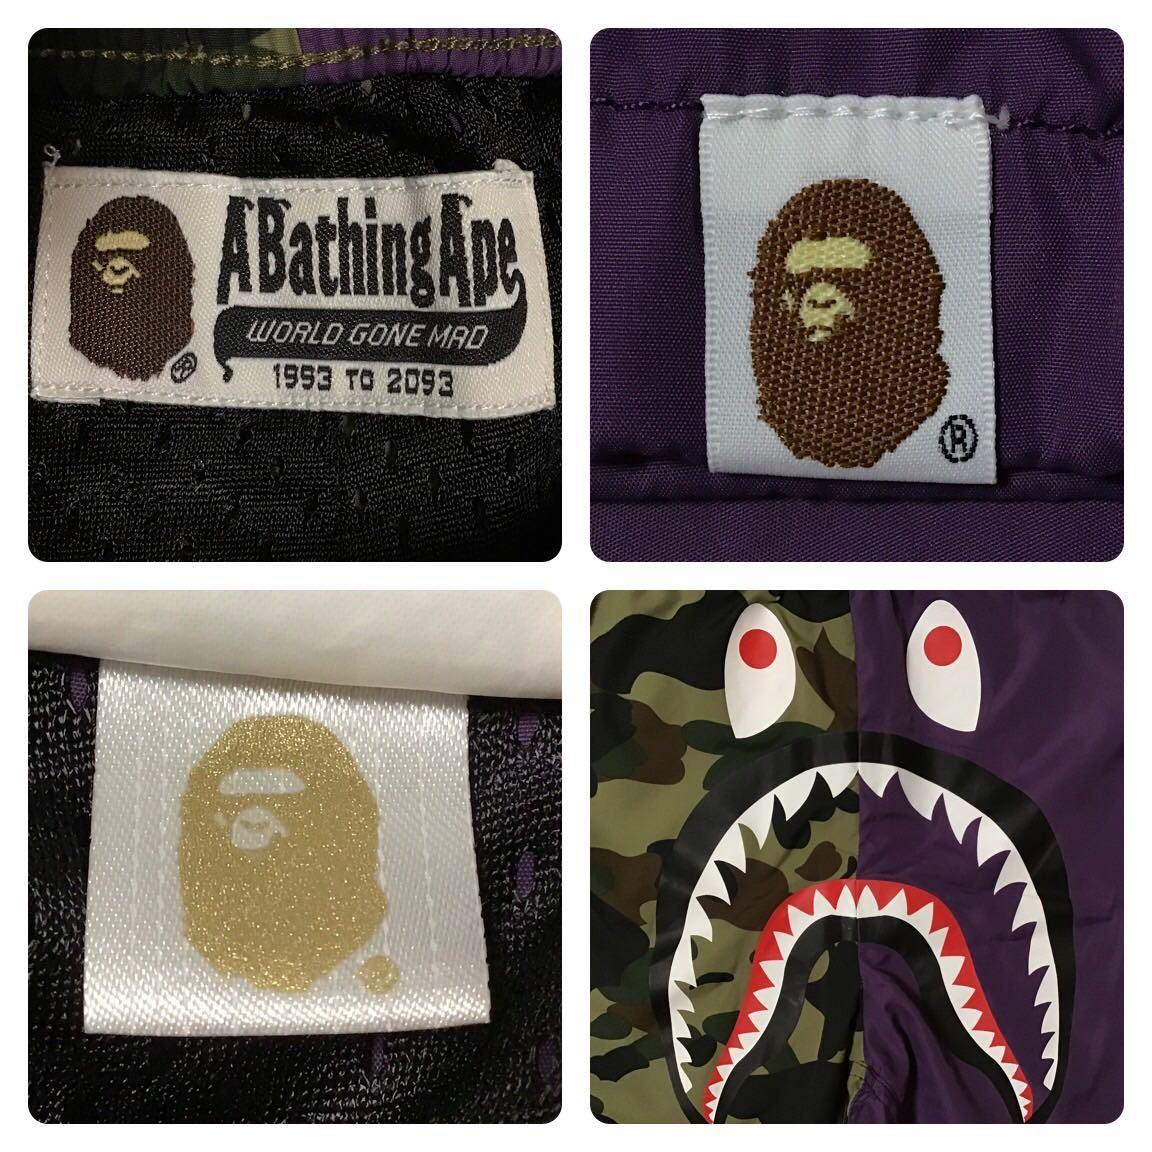 1st camo × purple シャーク ハーフパンツ Mサイズ a bathing ape BAPE shark shorts ショーツ エイプ ベイプ アベイシングエイプ 迷彩 nj